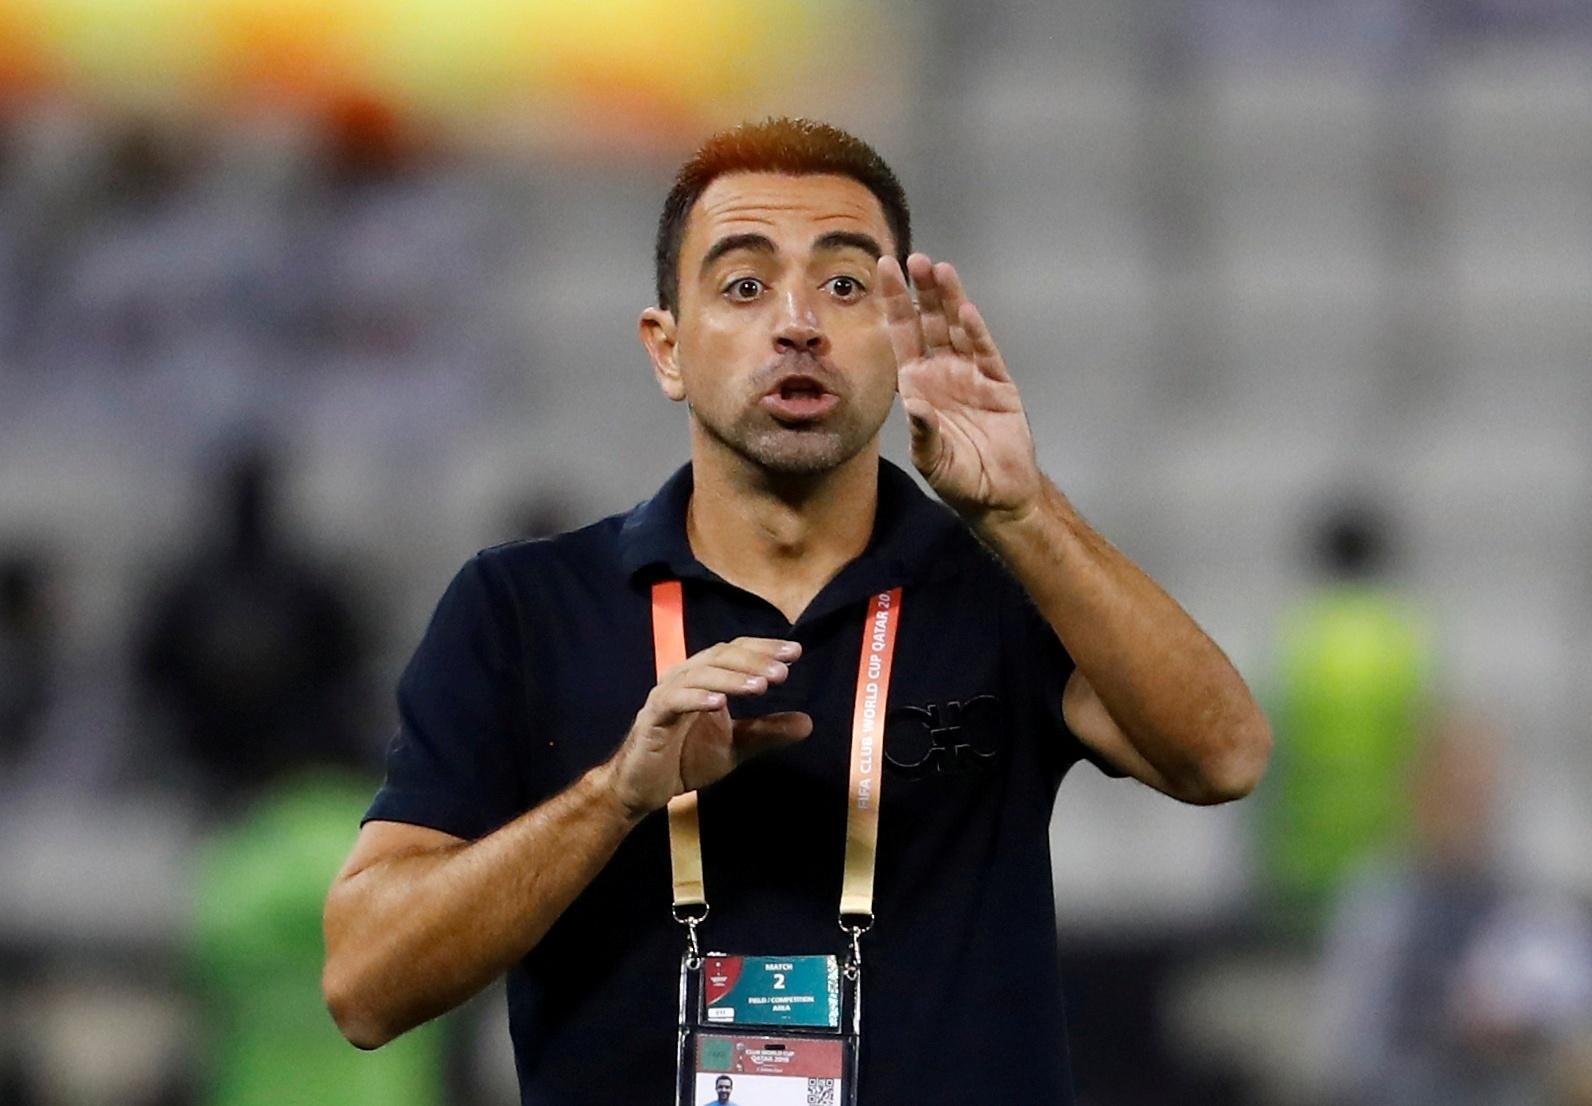 Desporto: Xavi está perto de chegar ao Camp Nou?